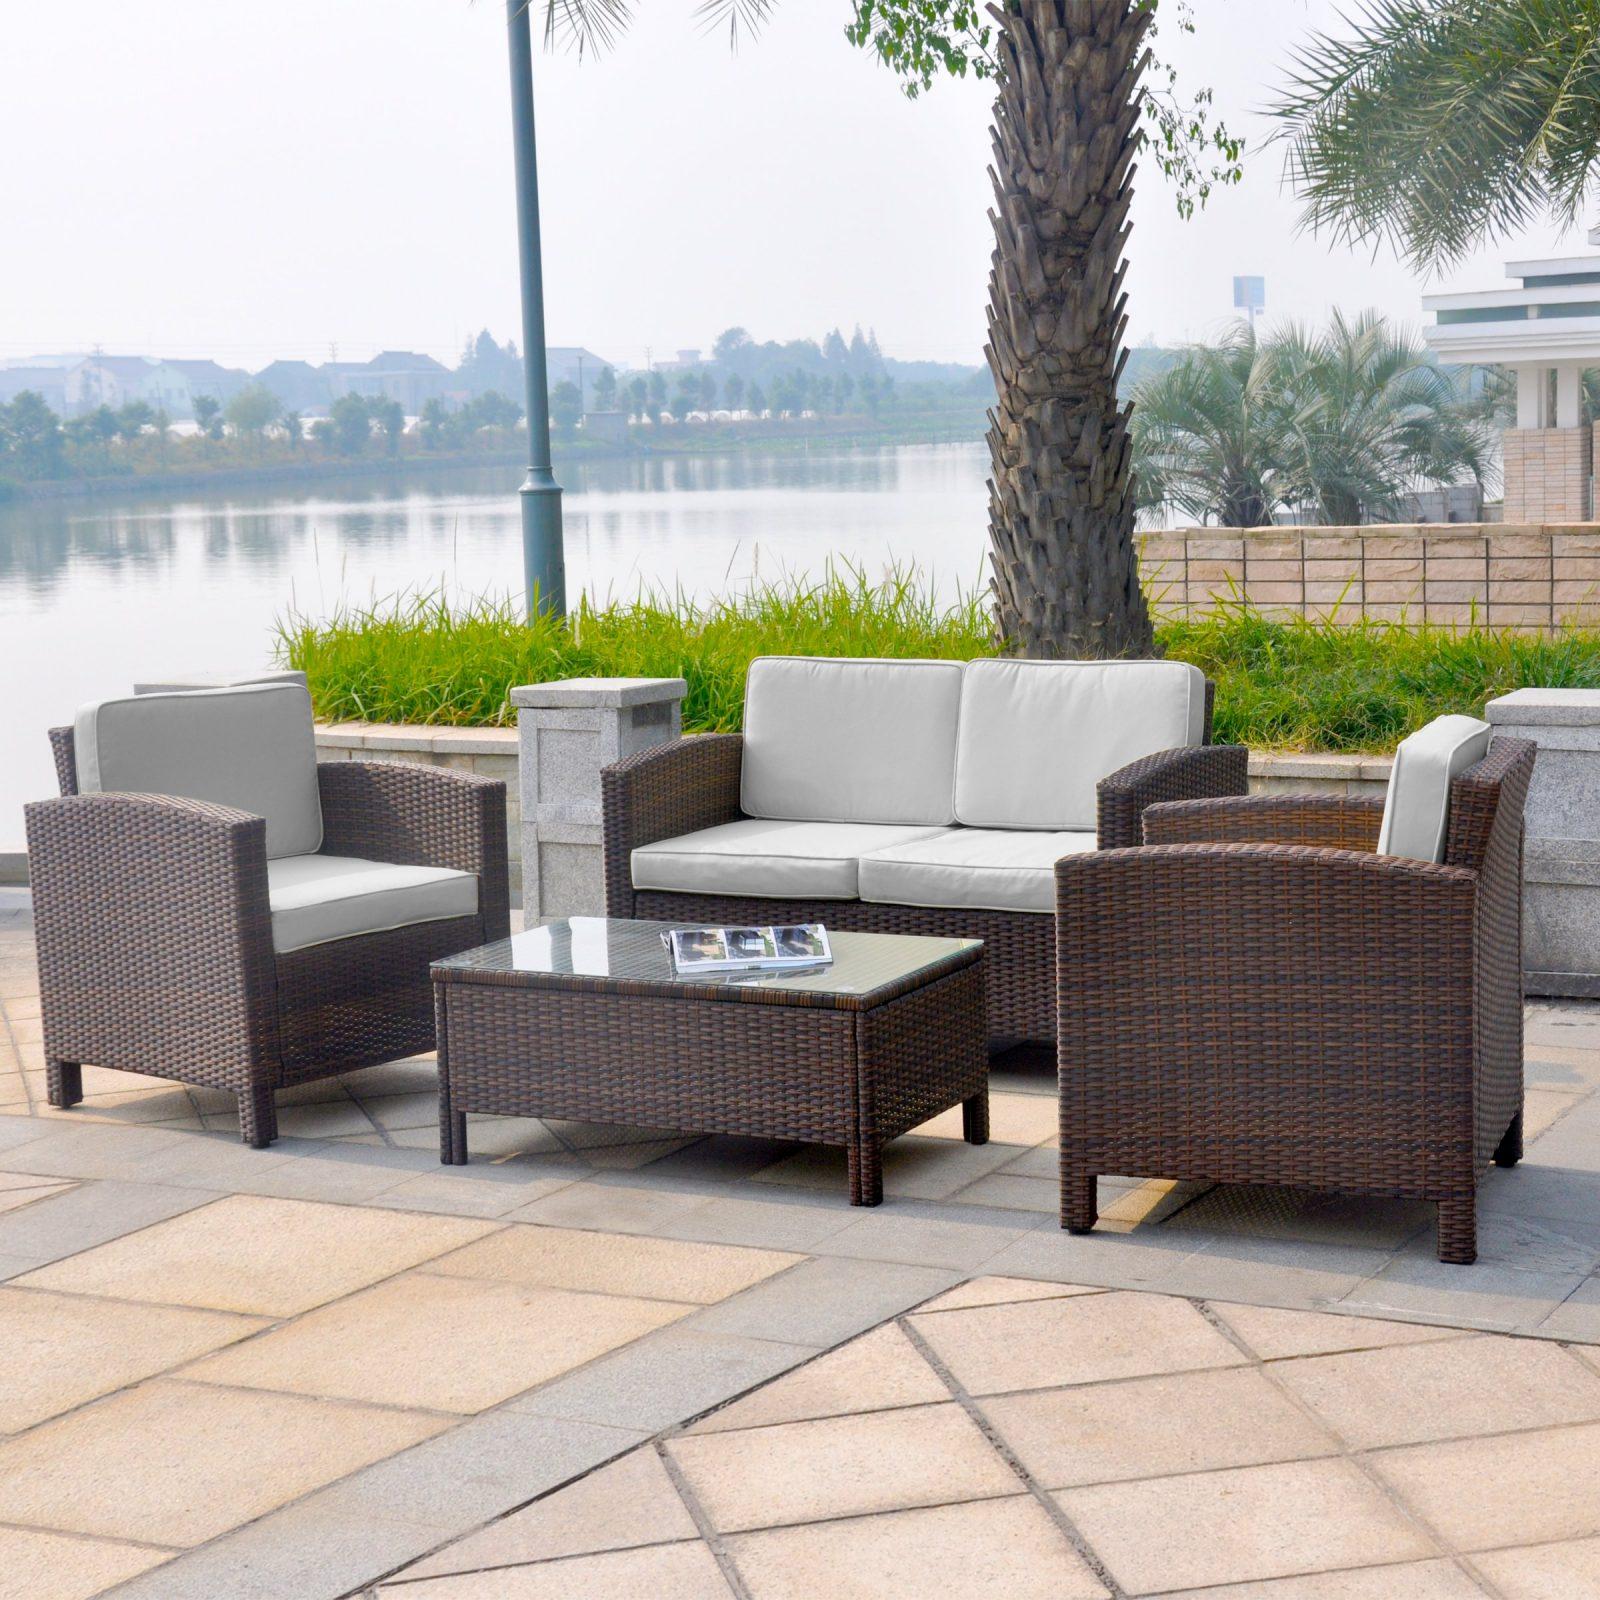 Lounge Gartenmöbel Günstig Online Kaufen Bei Real von Garten Lounge Set Gebraucht Bild